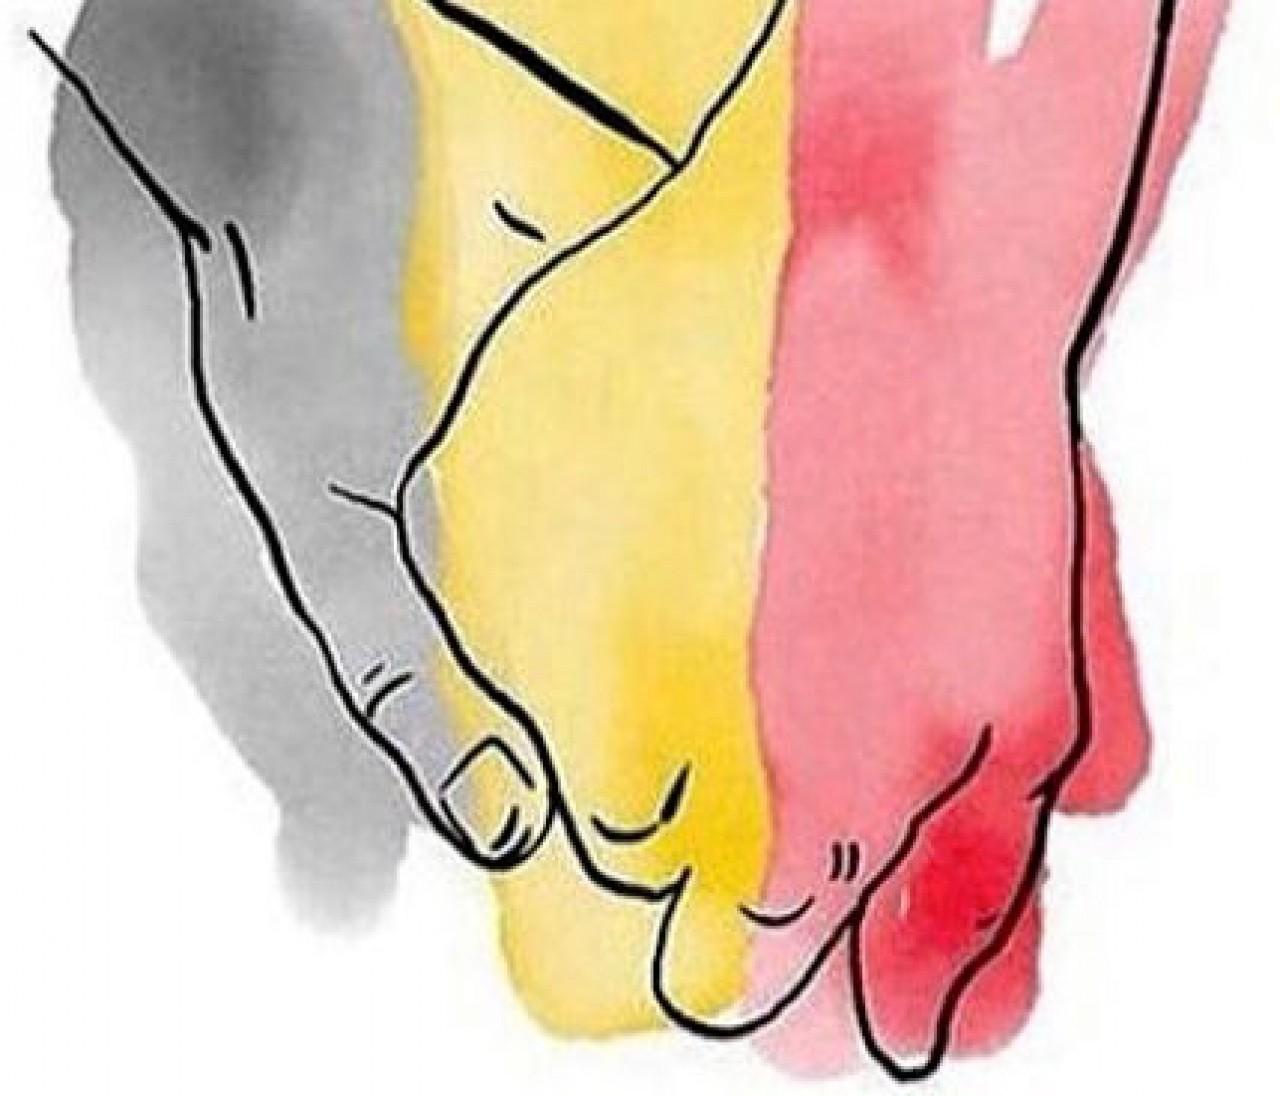 セレブたちもベルギーでのテロに心痛めて#PrayForBrussels